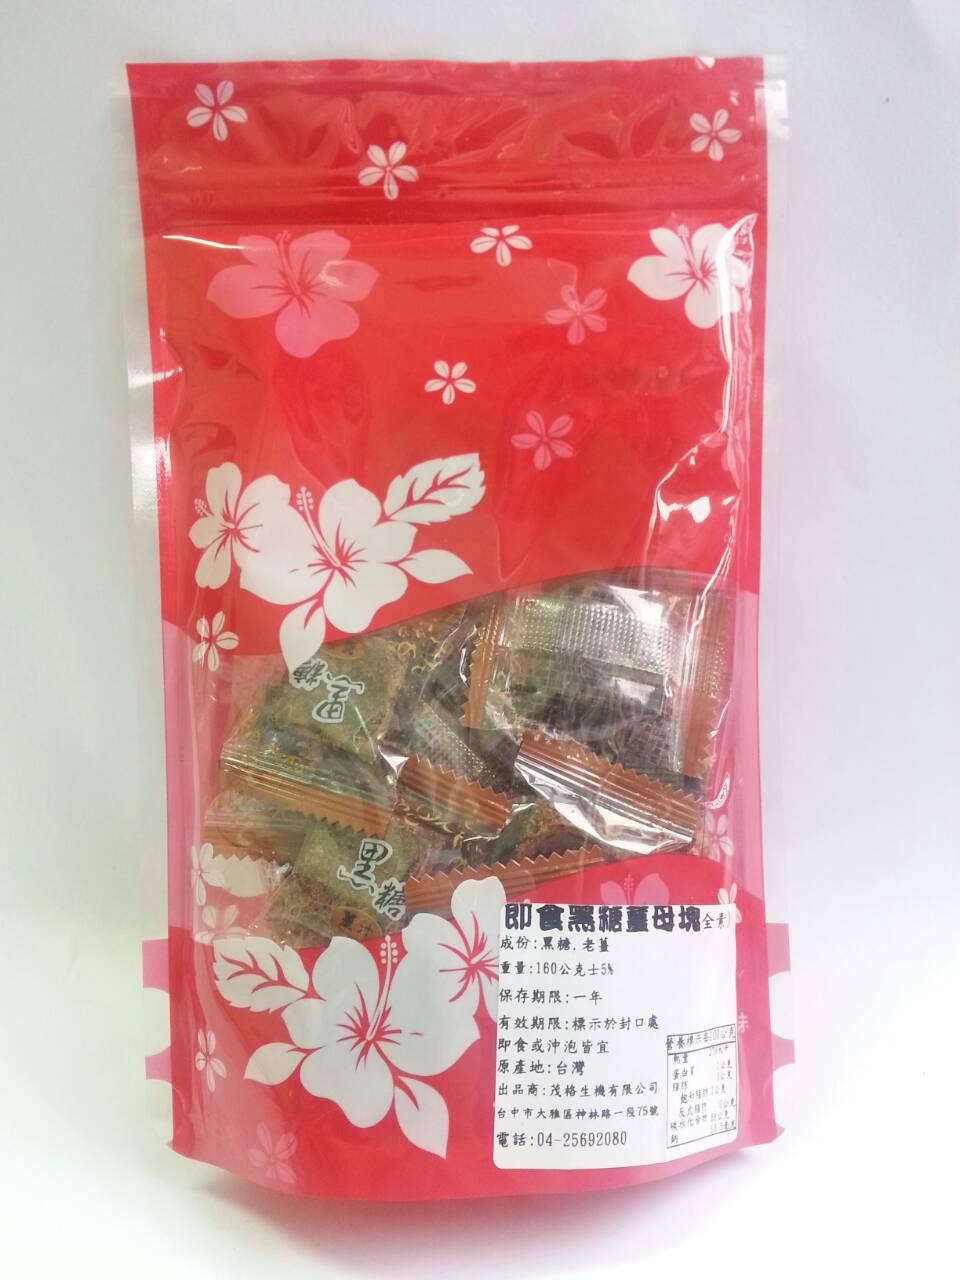 【清新自在】手工即食黑糖薑母塊/黑糖薑母塊(160g/包)